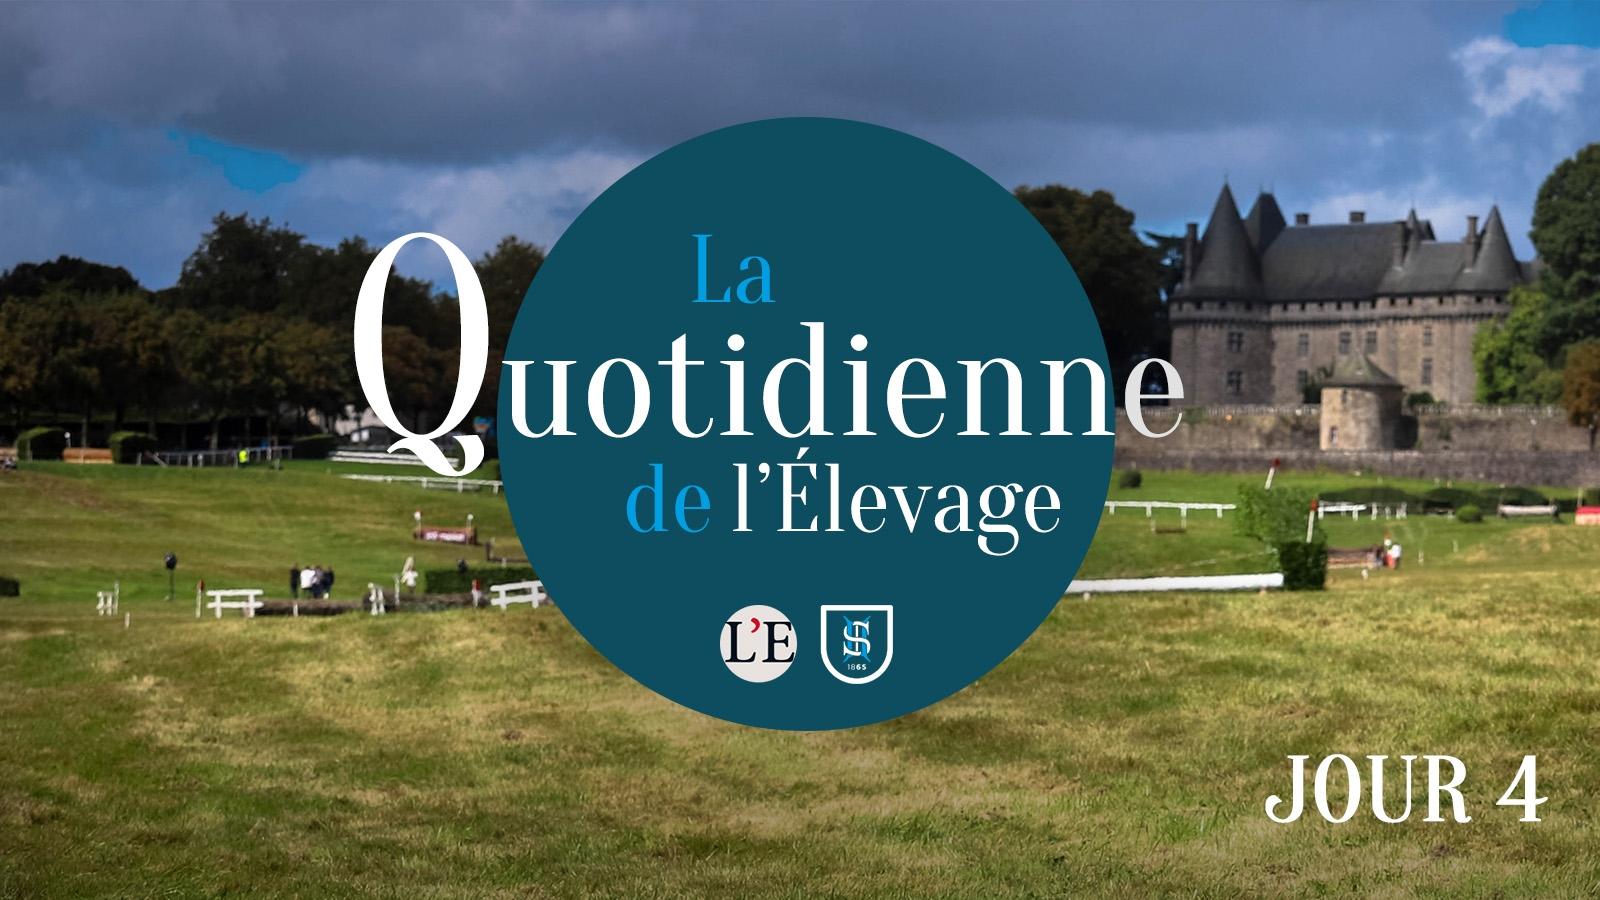 Lire l'acutalité Belle réussite pour l'élevage de Beliard : rencontre avec Gérard Brescon